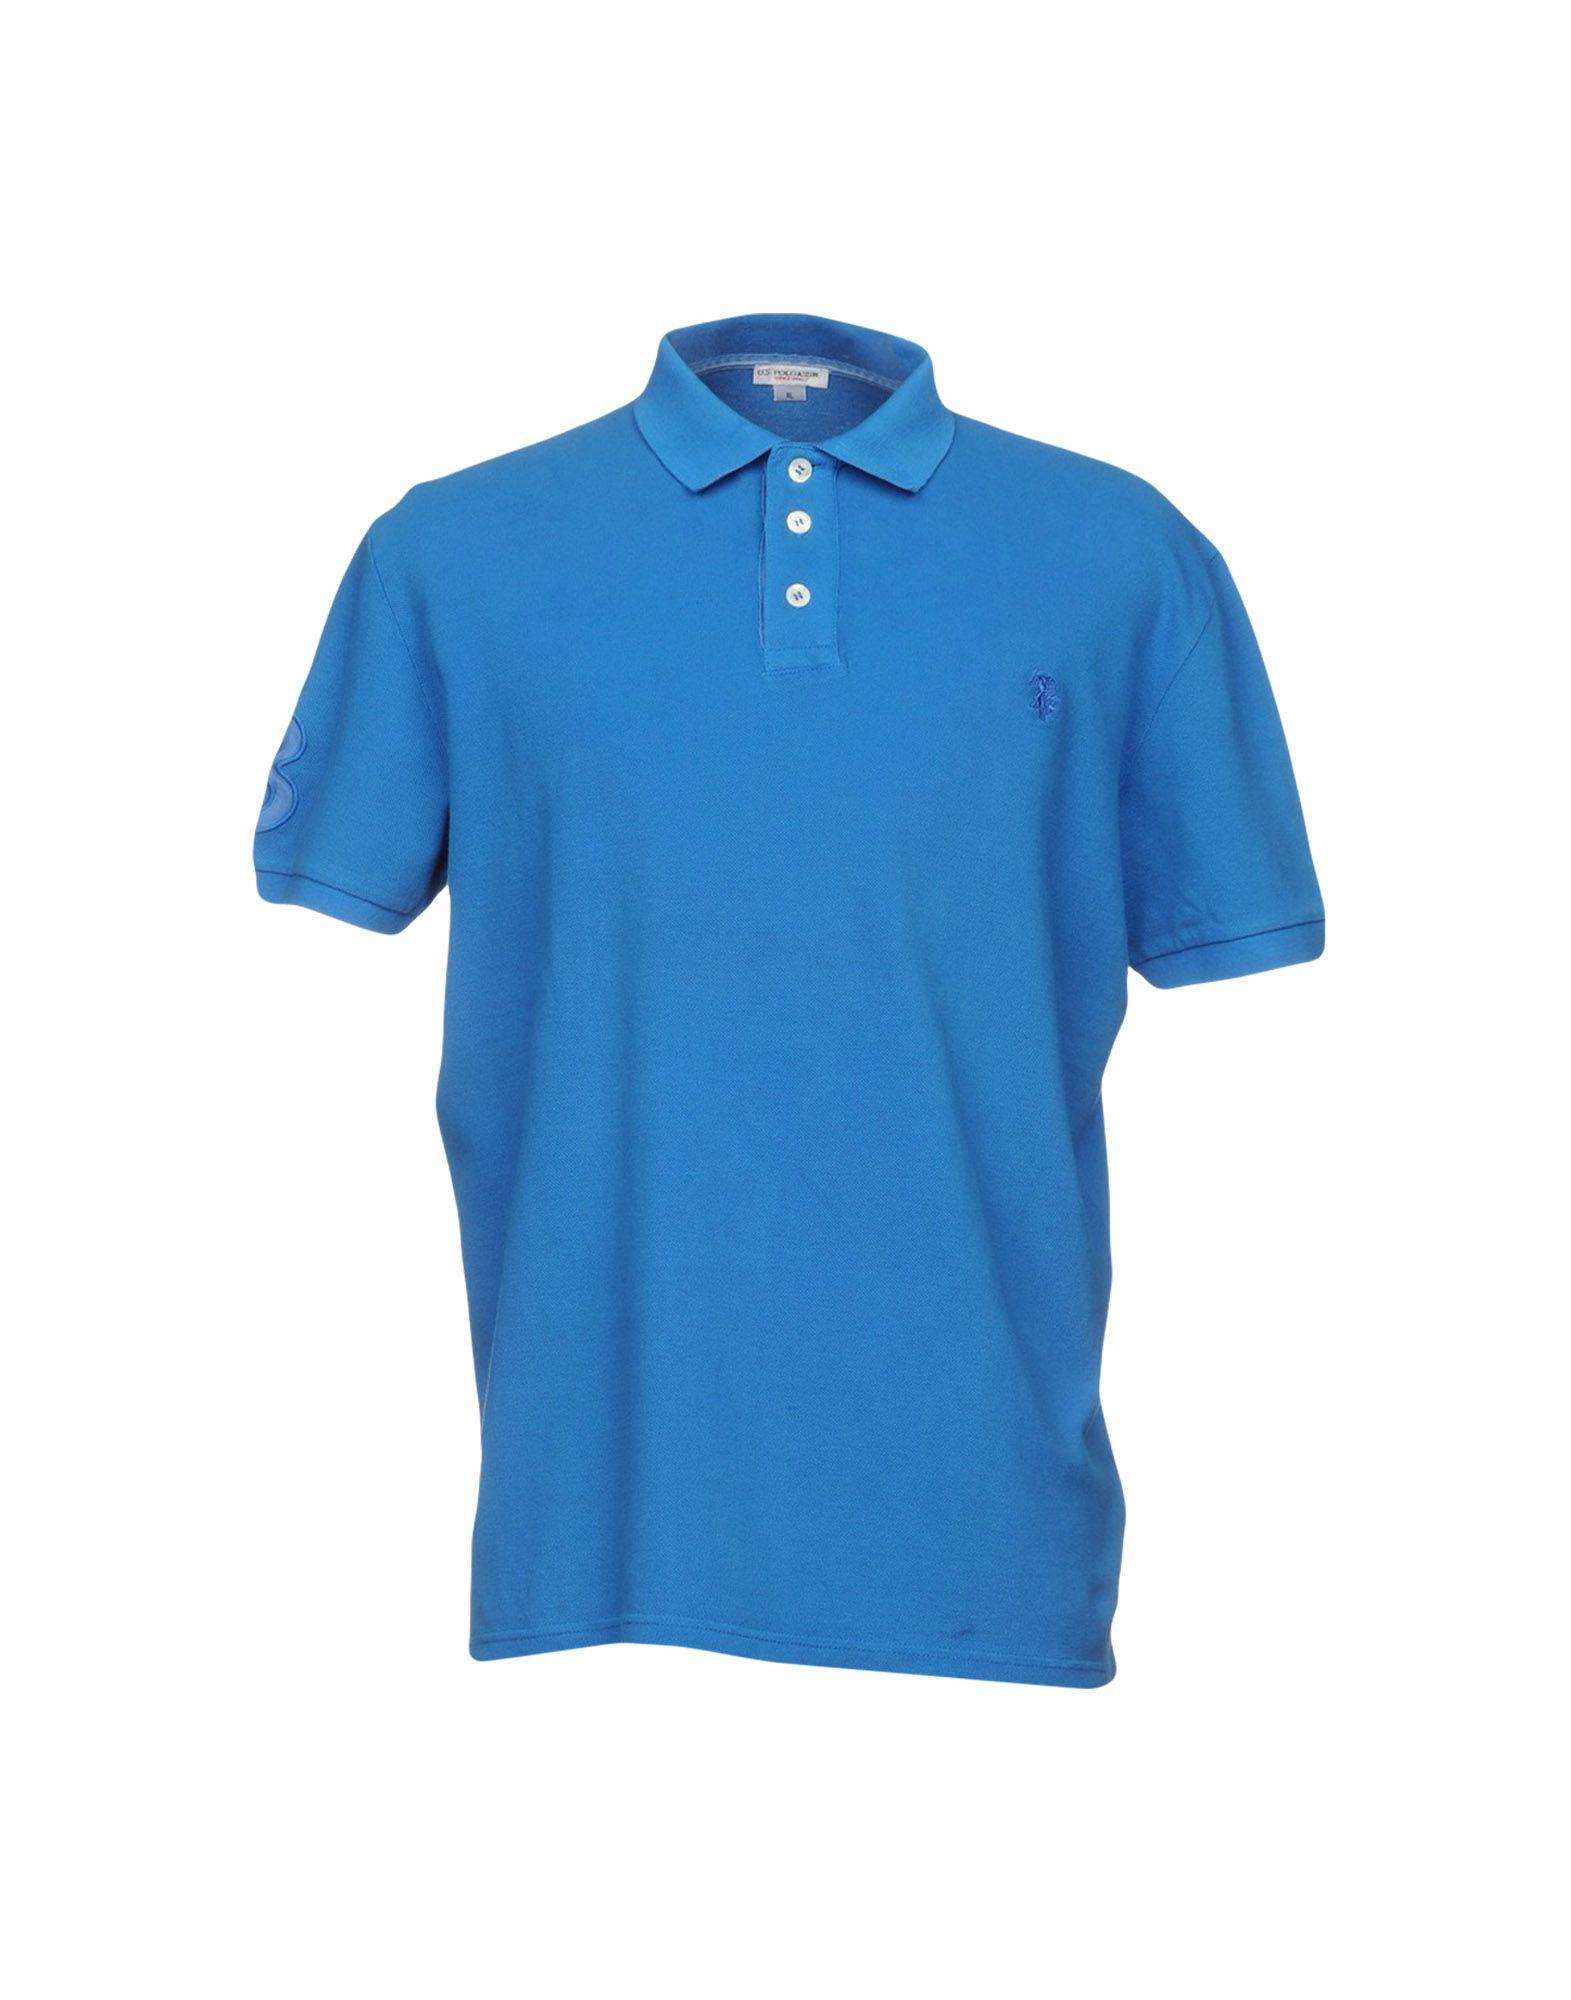 《送料無料》U.S.POLO ASSN. メンズ ポロシャツ アジュールブルー S コットン 100%